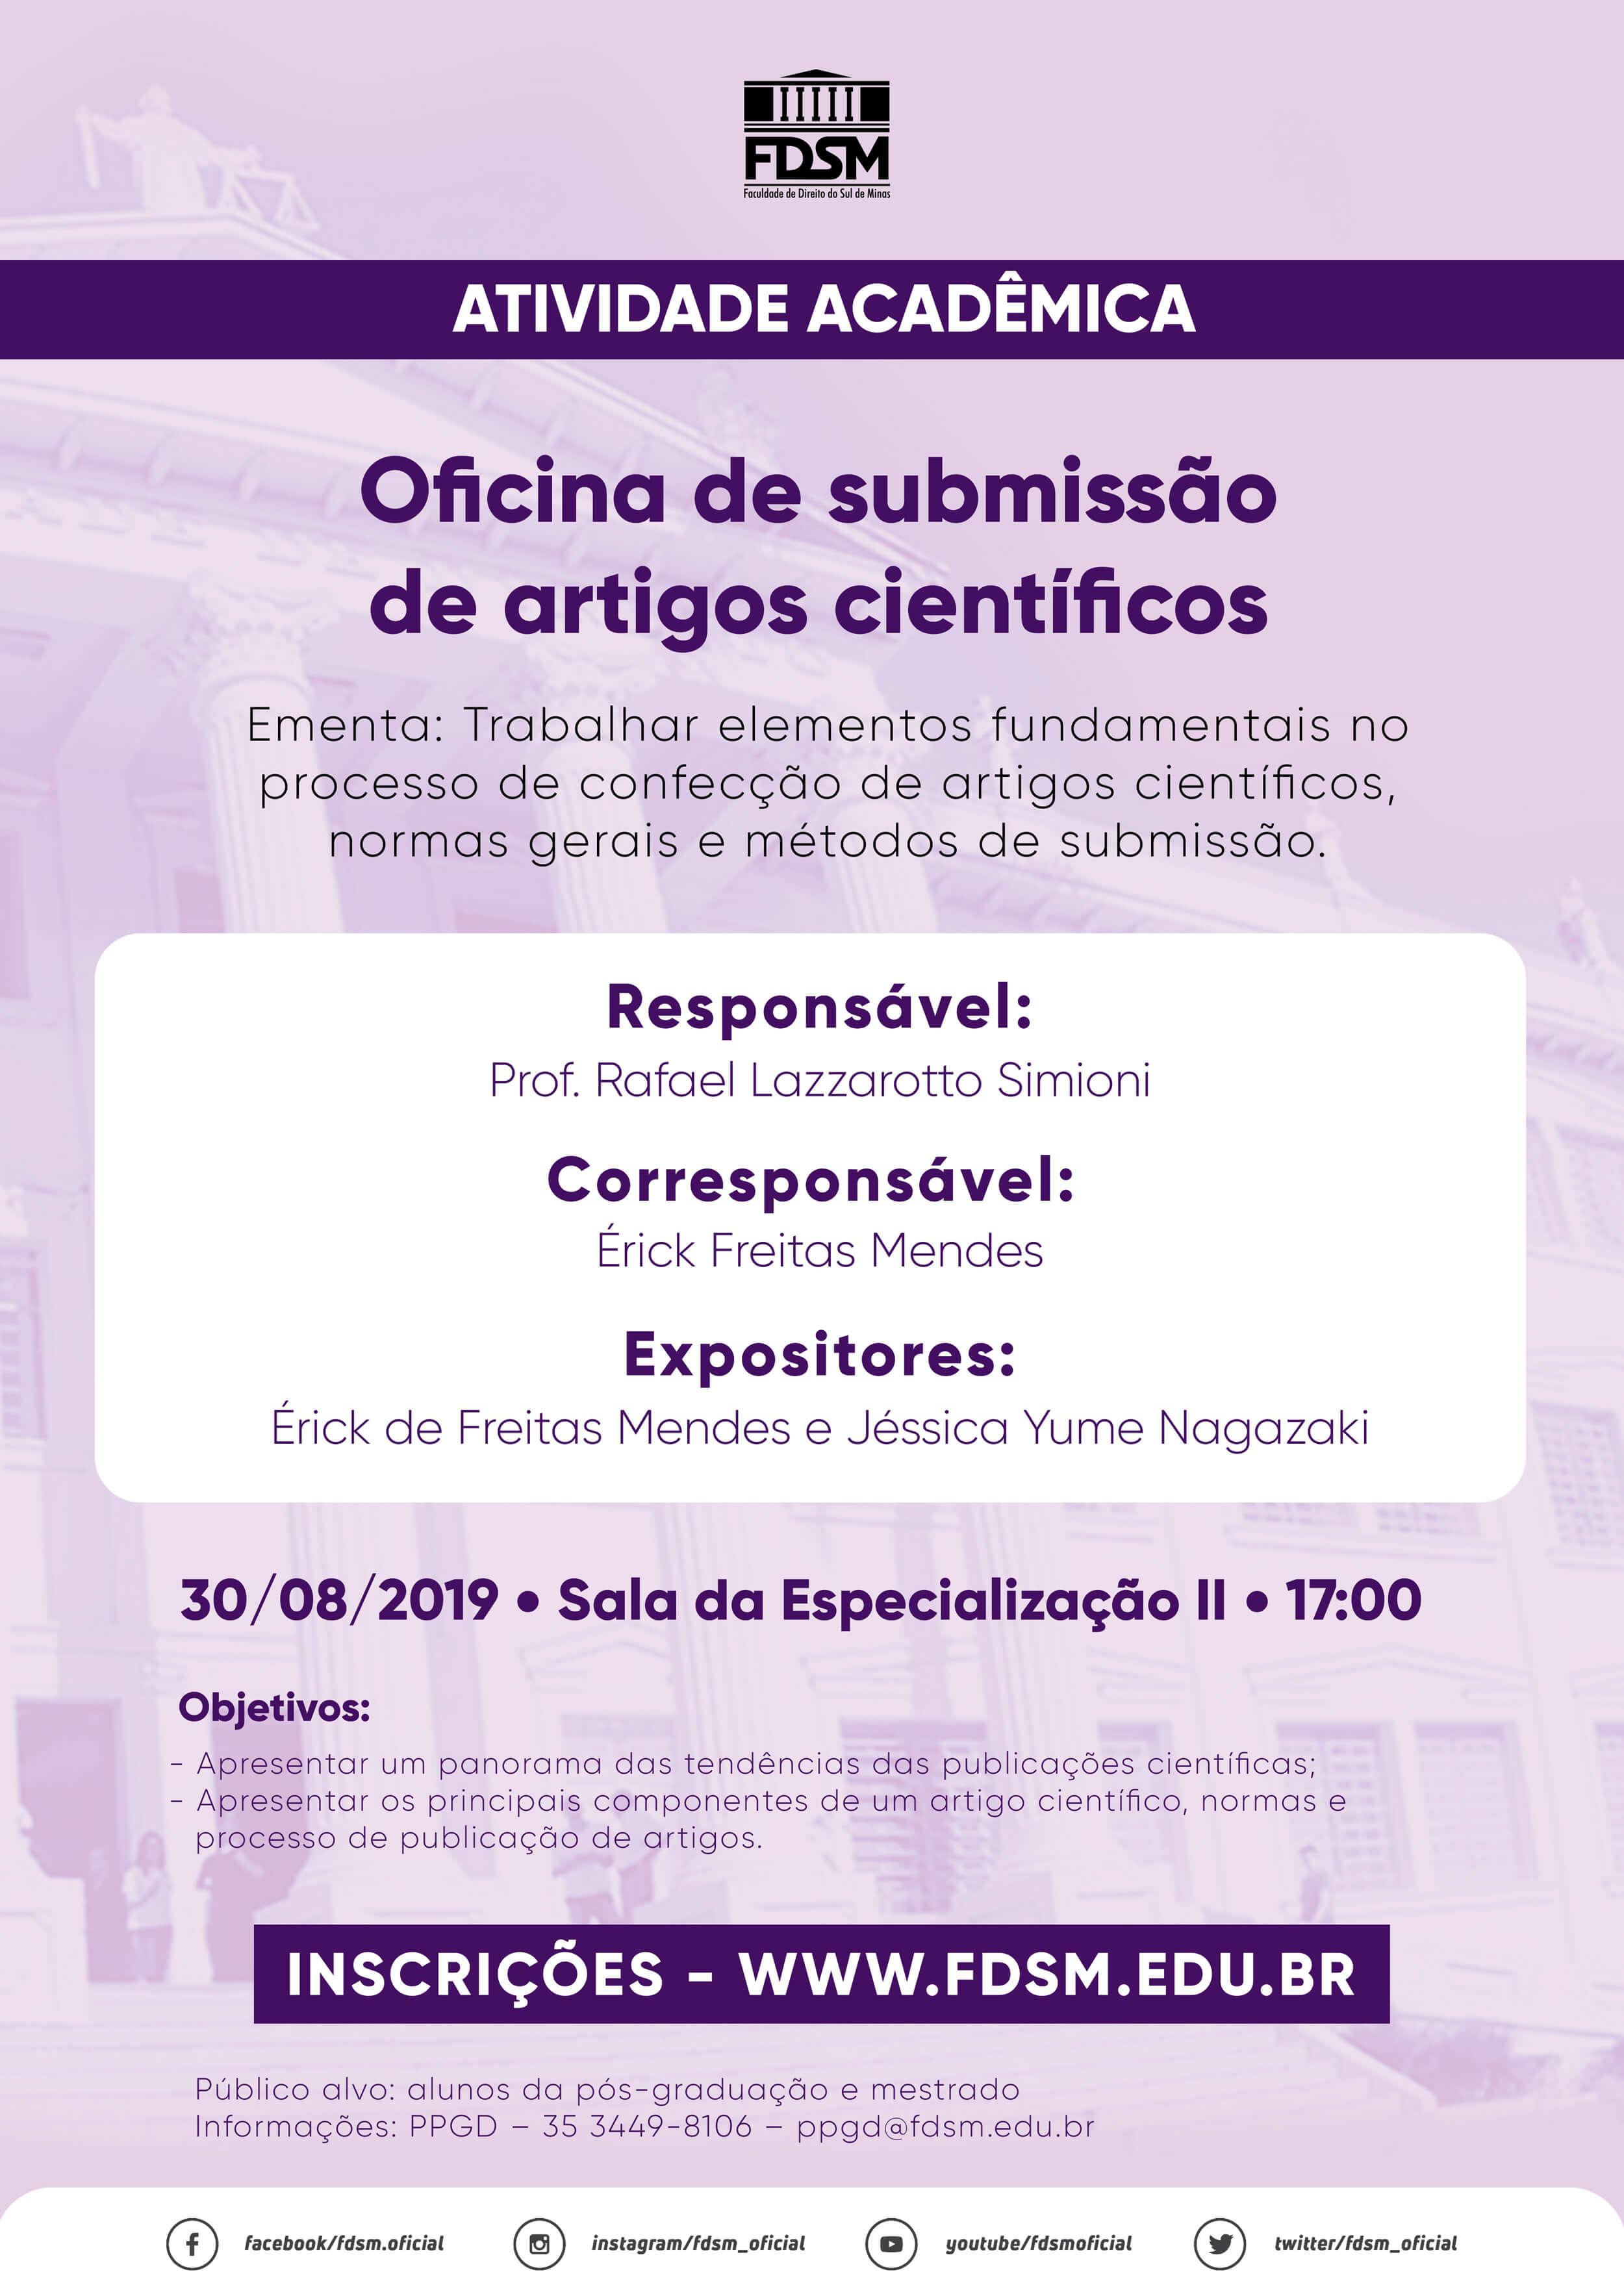 Cód 530: Oficina de submissão de artigos científicos